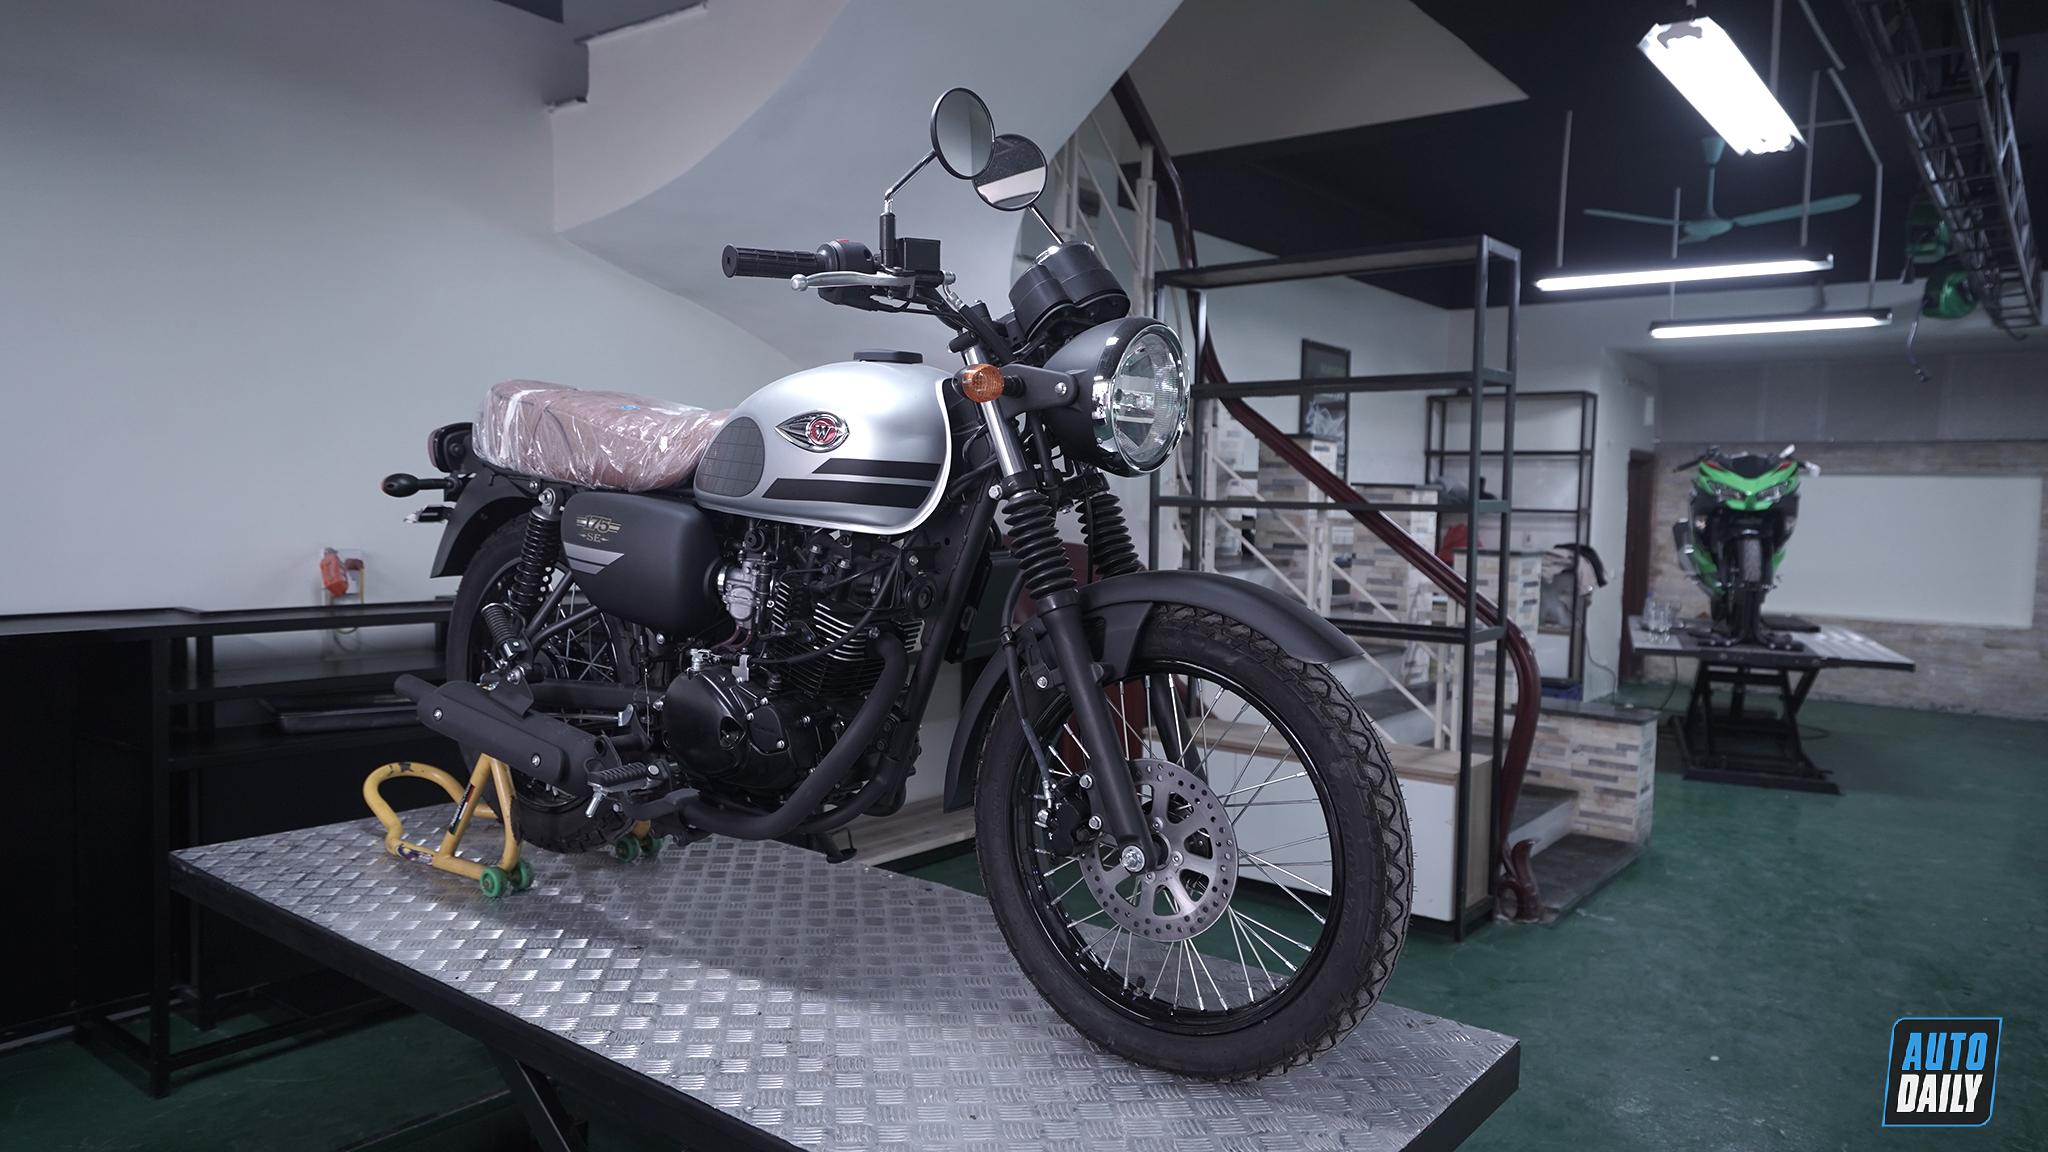 Khai trương showroom Kawasaki Thưởng Motor: Ưu đãi ngập tràn kawasaki-36.jpg